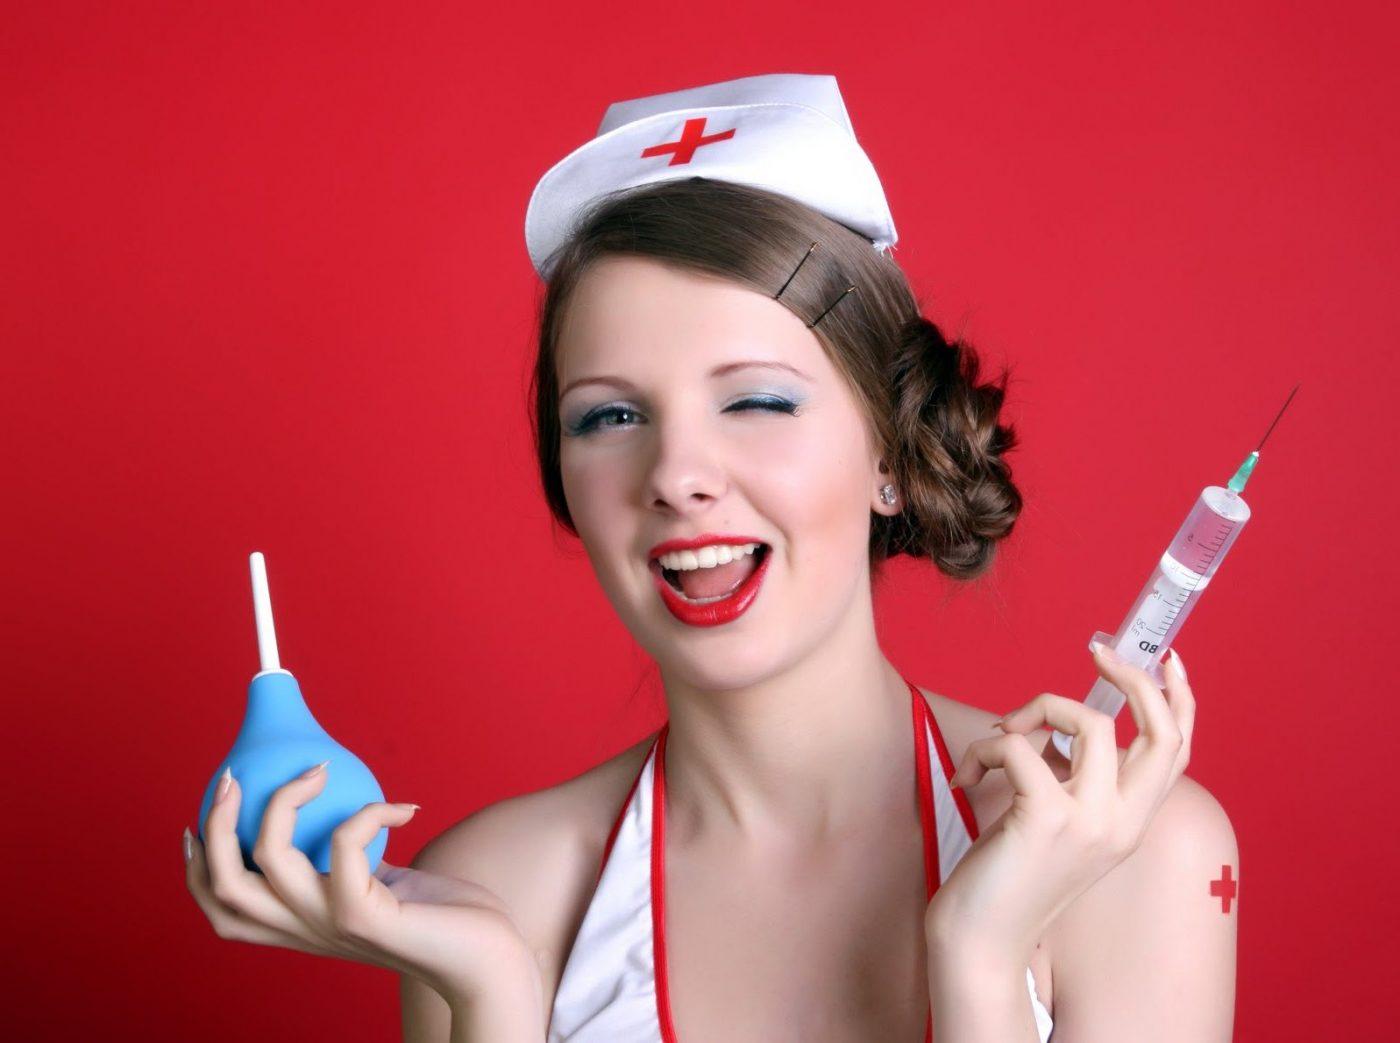 Прикольные картинки женщин врачей